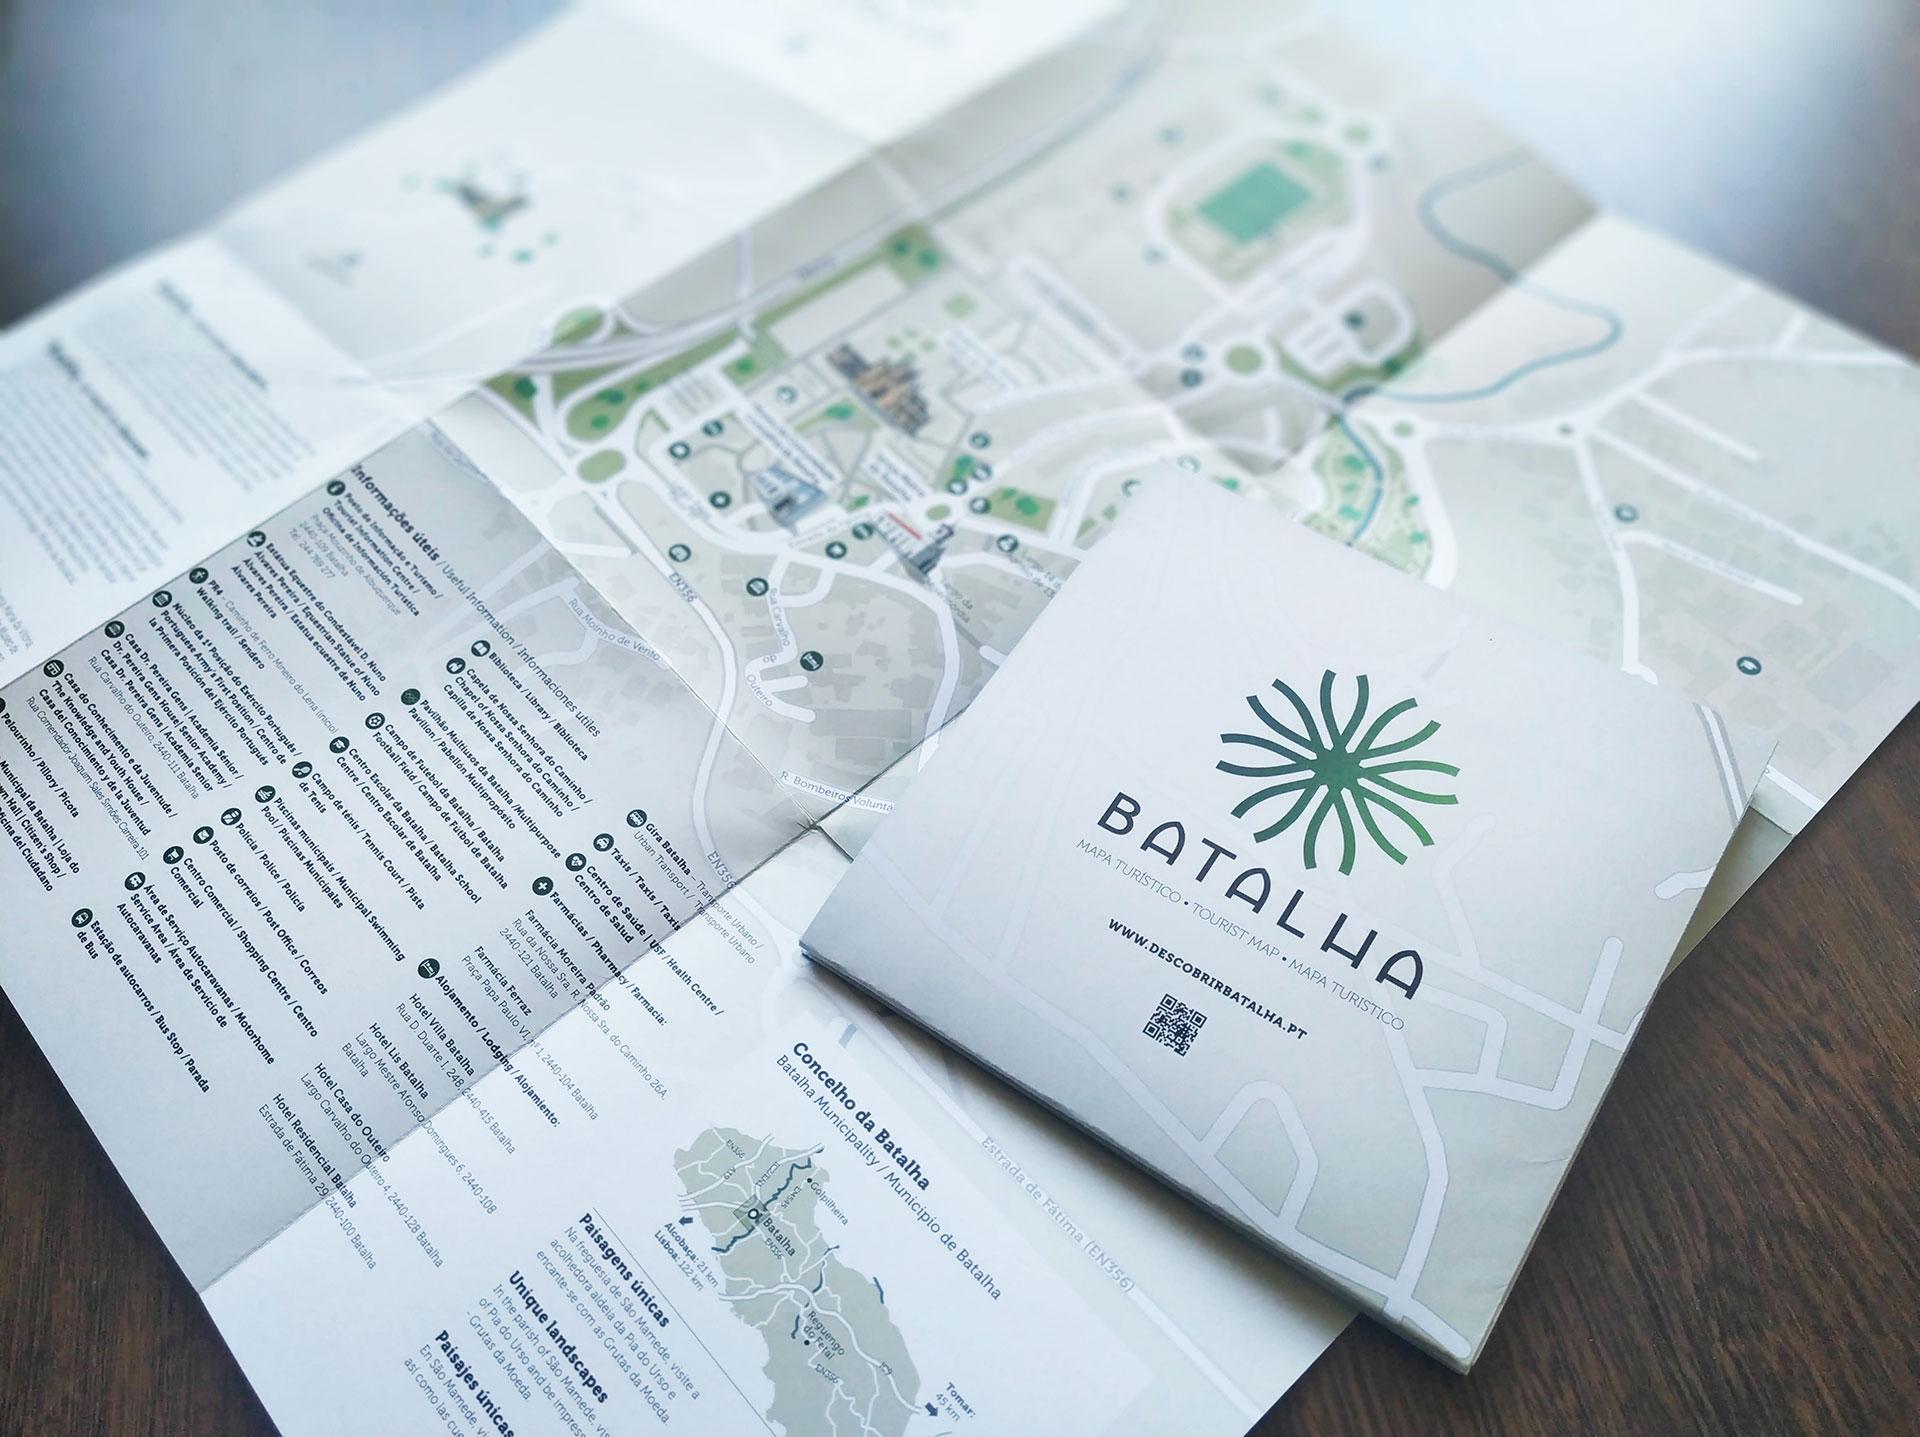 mapa turístico Batalha, produzido por InfoPortugal